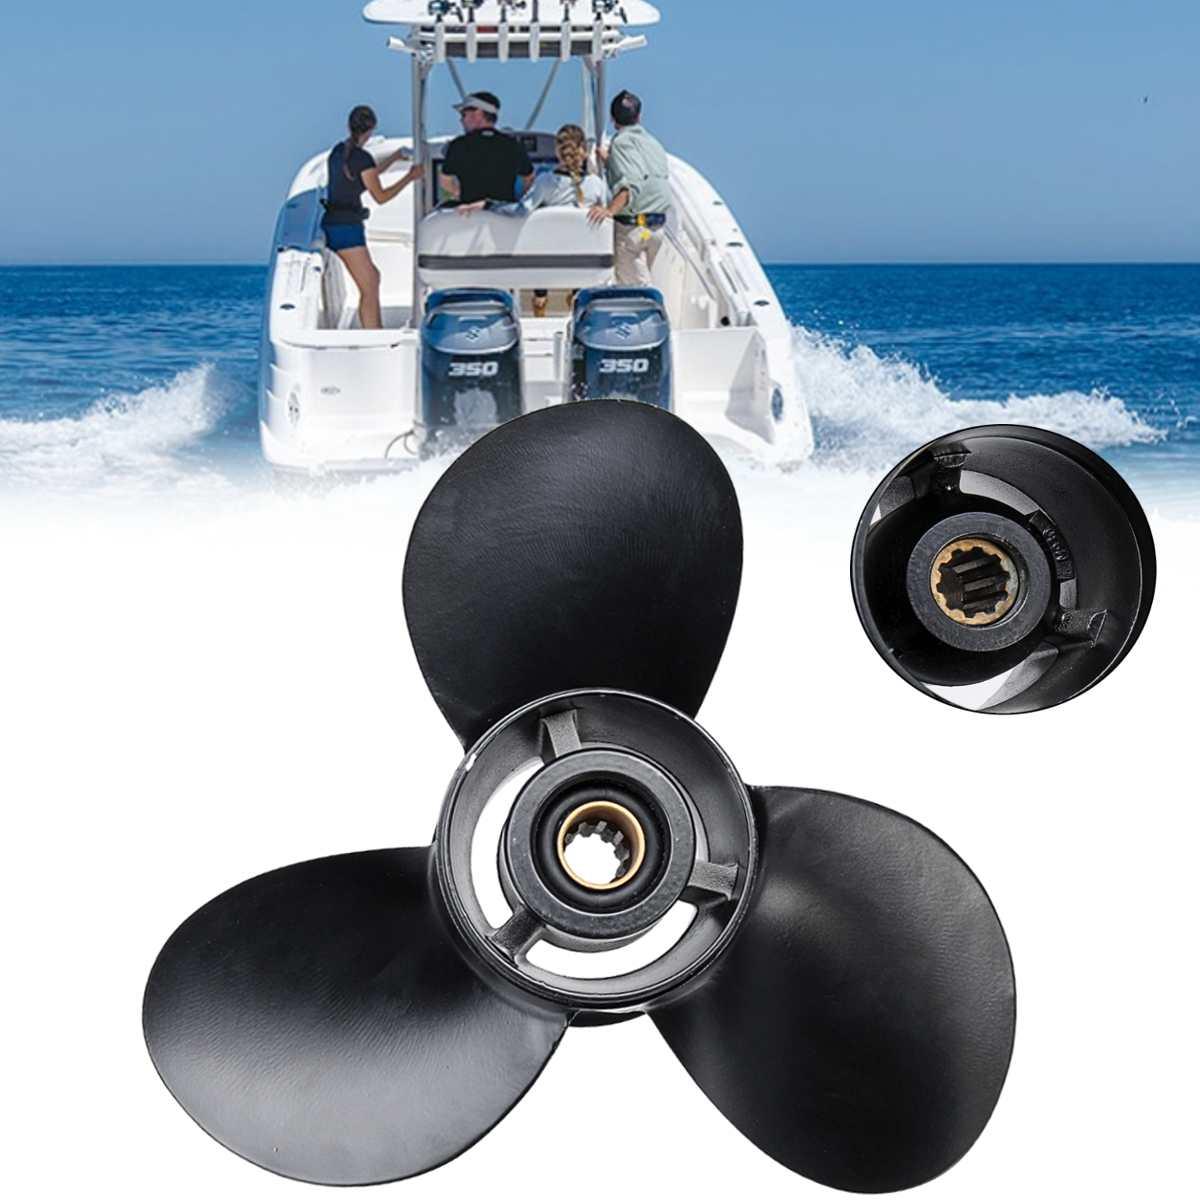 58100-96440-019 10 1/4x13 pollice Barca Fuoribordo Elica In Alluminio per Suzuki 20-30HP 3 Lame 10 spline Tooths Nero R Rotazione